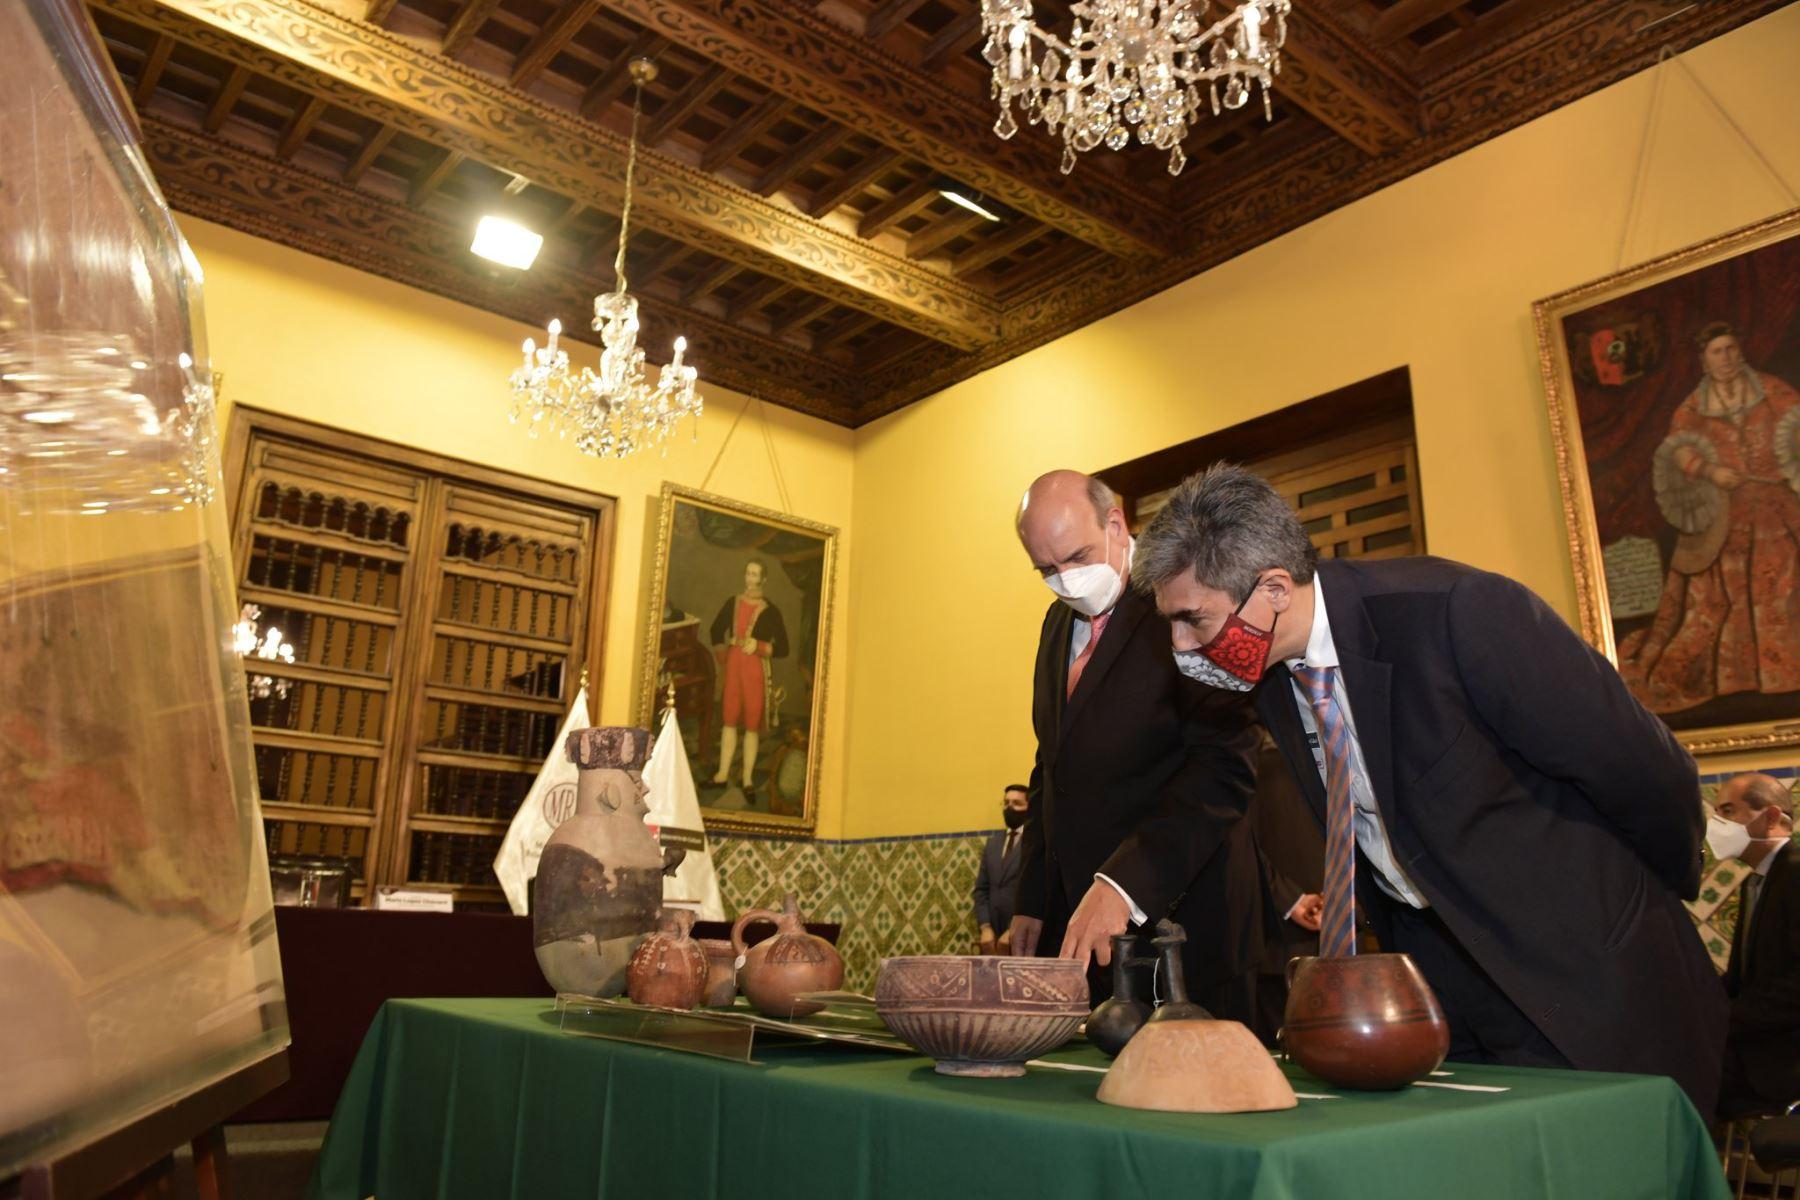 En la sede de la Cancilleria del Perú,  el canciller Mario López y el ministro de  Cultura, Alejandro Neyra, presiden la ceremonia de repatriación de 65 Bienes Culturales de Australia, España, Estados Unidos y Reino Unido. Foto: Cancillería del Perú